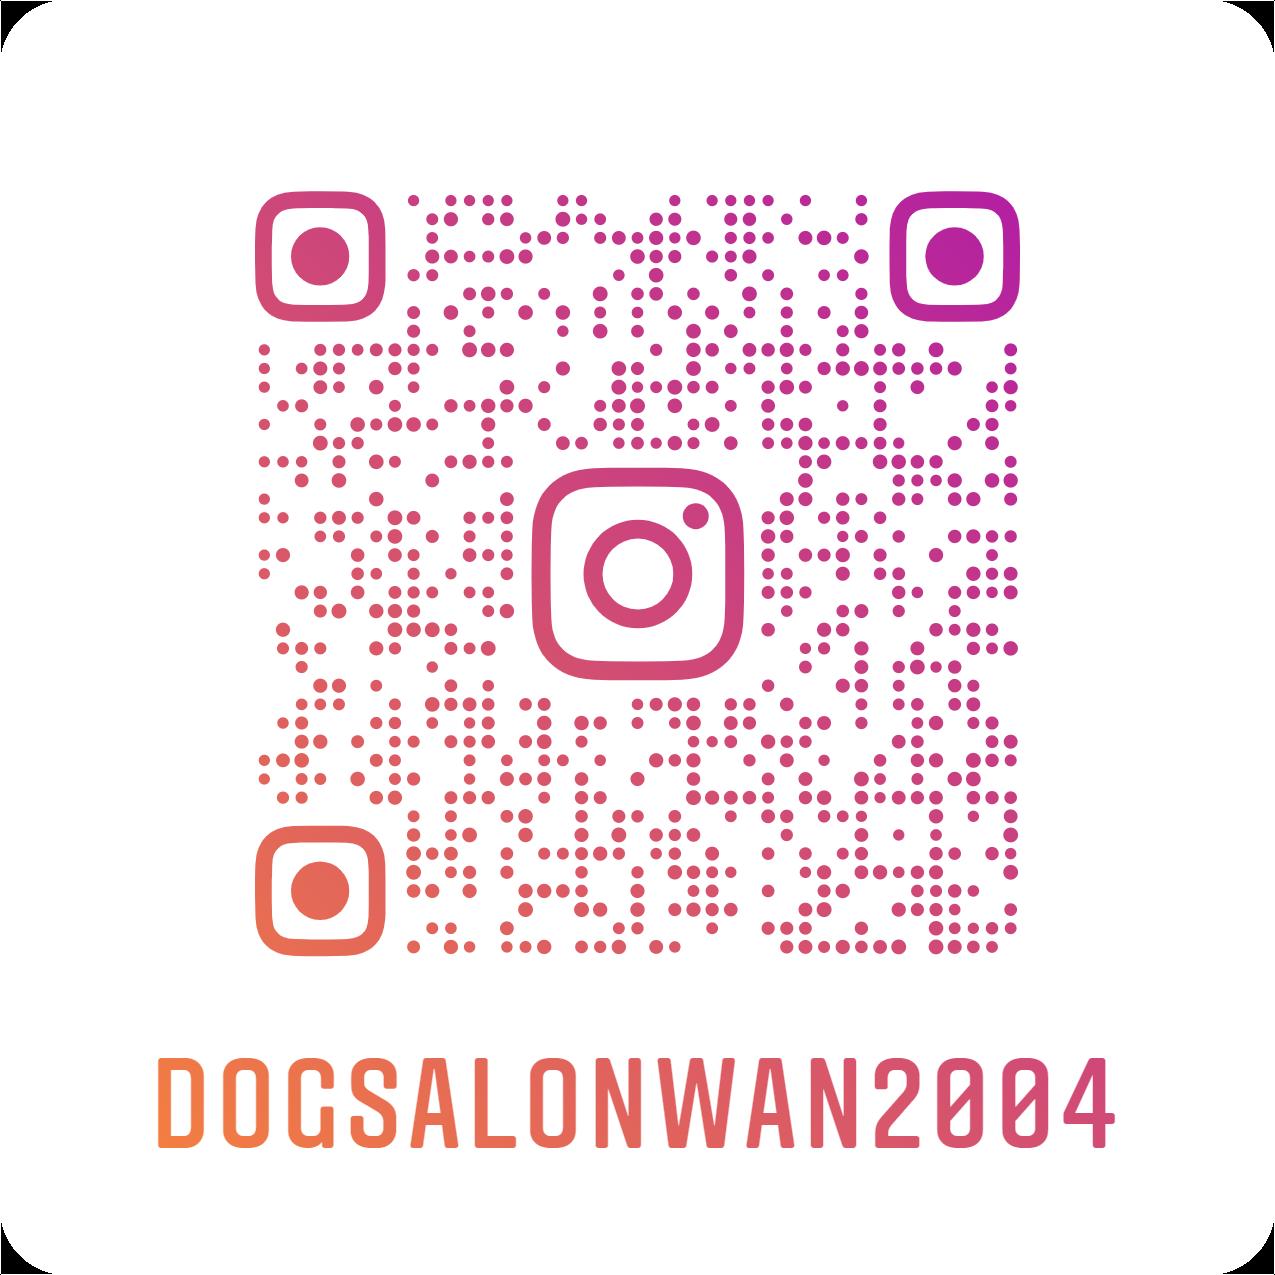 dogsalonwan2004_nametag_20210404134751059.png